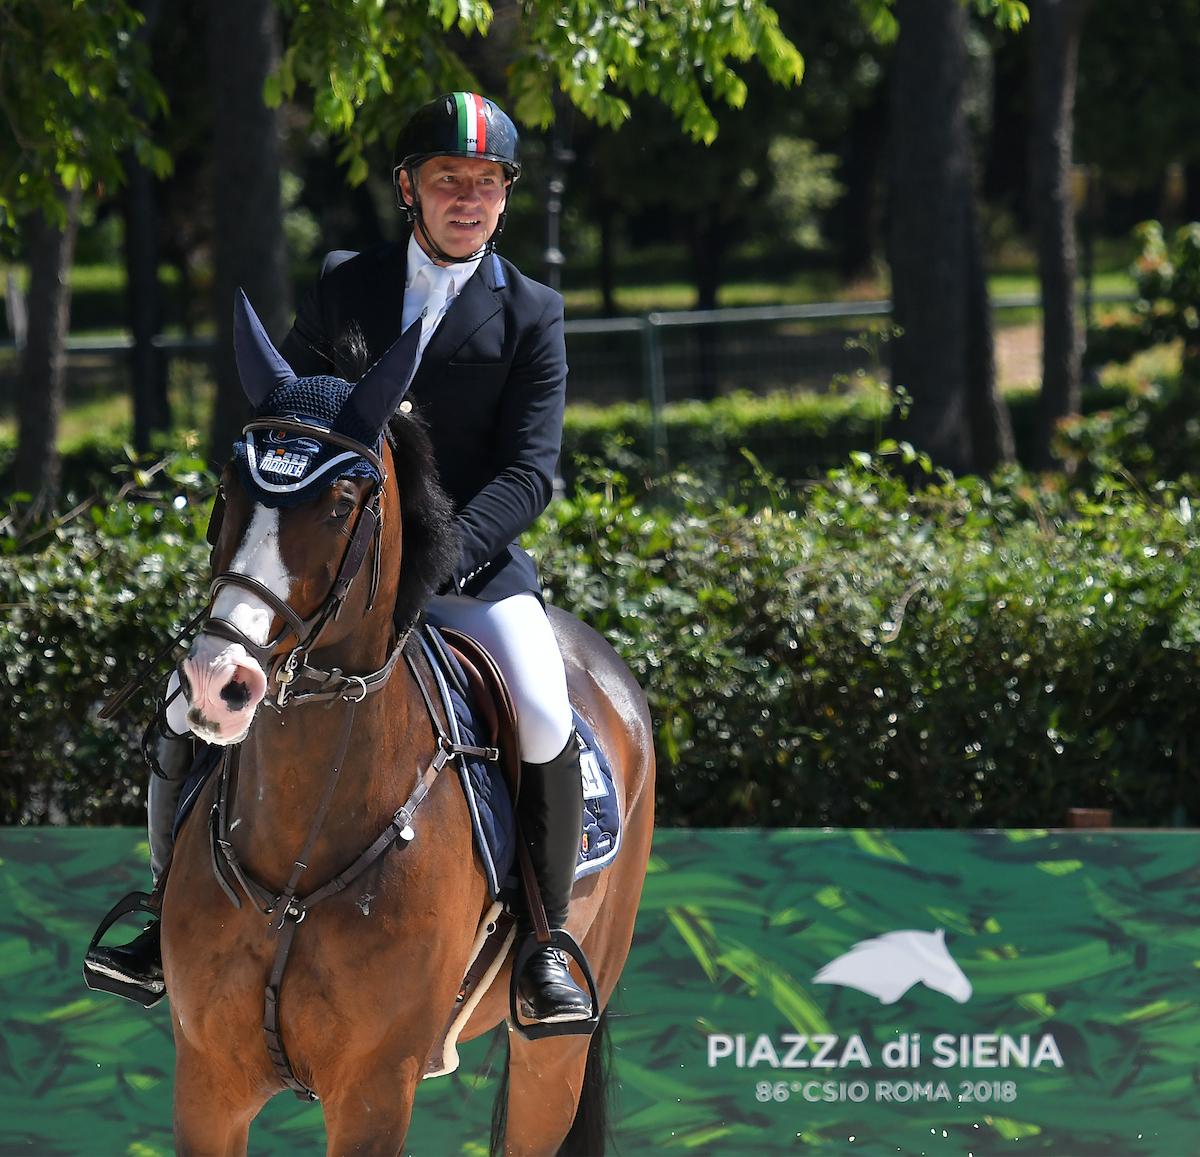 180524 0033  Piazza di Siena Ph Simone Ferraro SFB_1091 copia